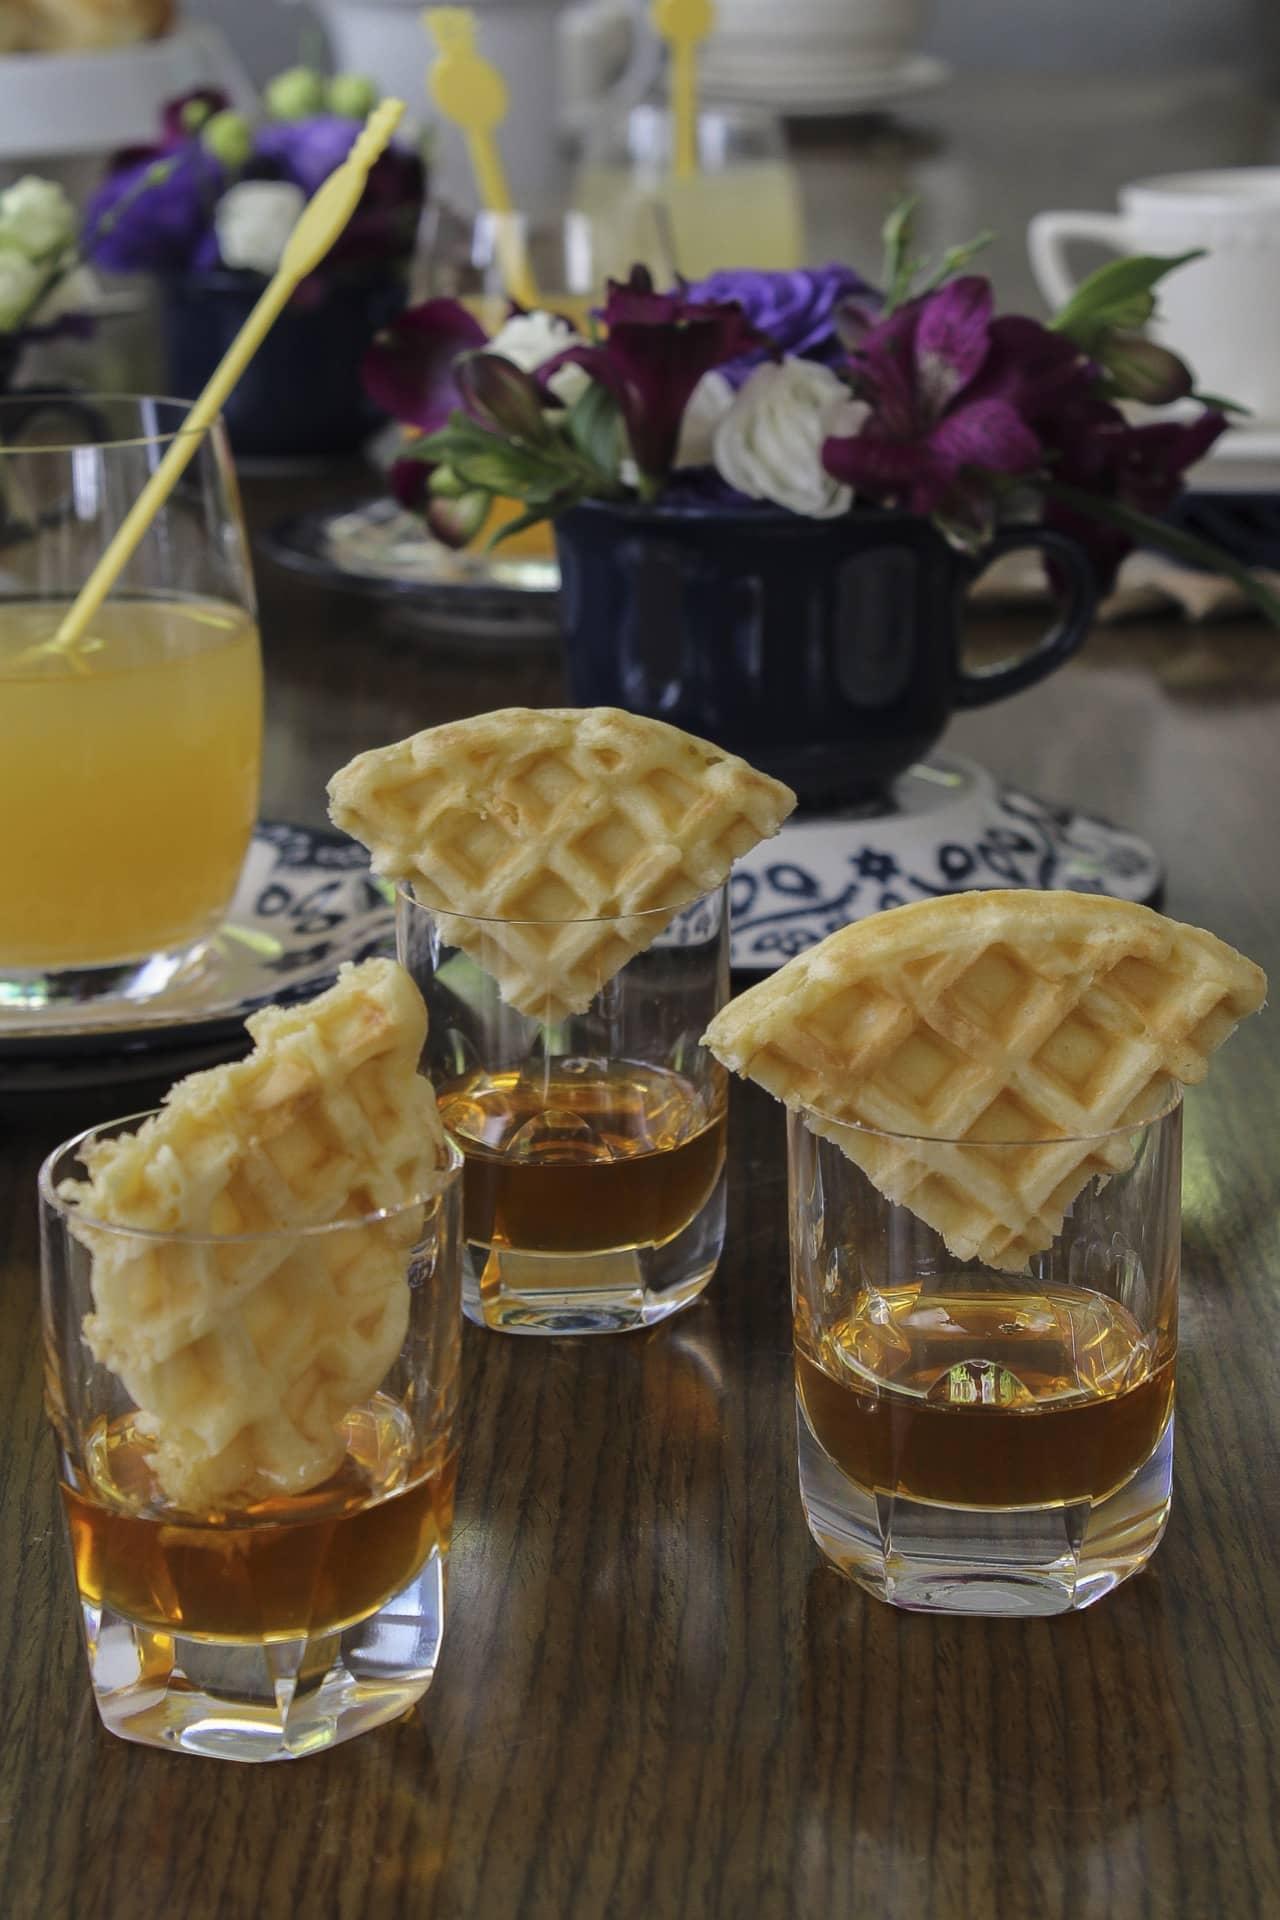 Imagem: Sirva os waffles em porções individuais. Corte-os em triângulos e coloque dentro de copinhos com mel dentro. Além de charmoso, fica prático. Foto: Cacá Bratke